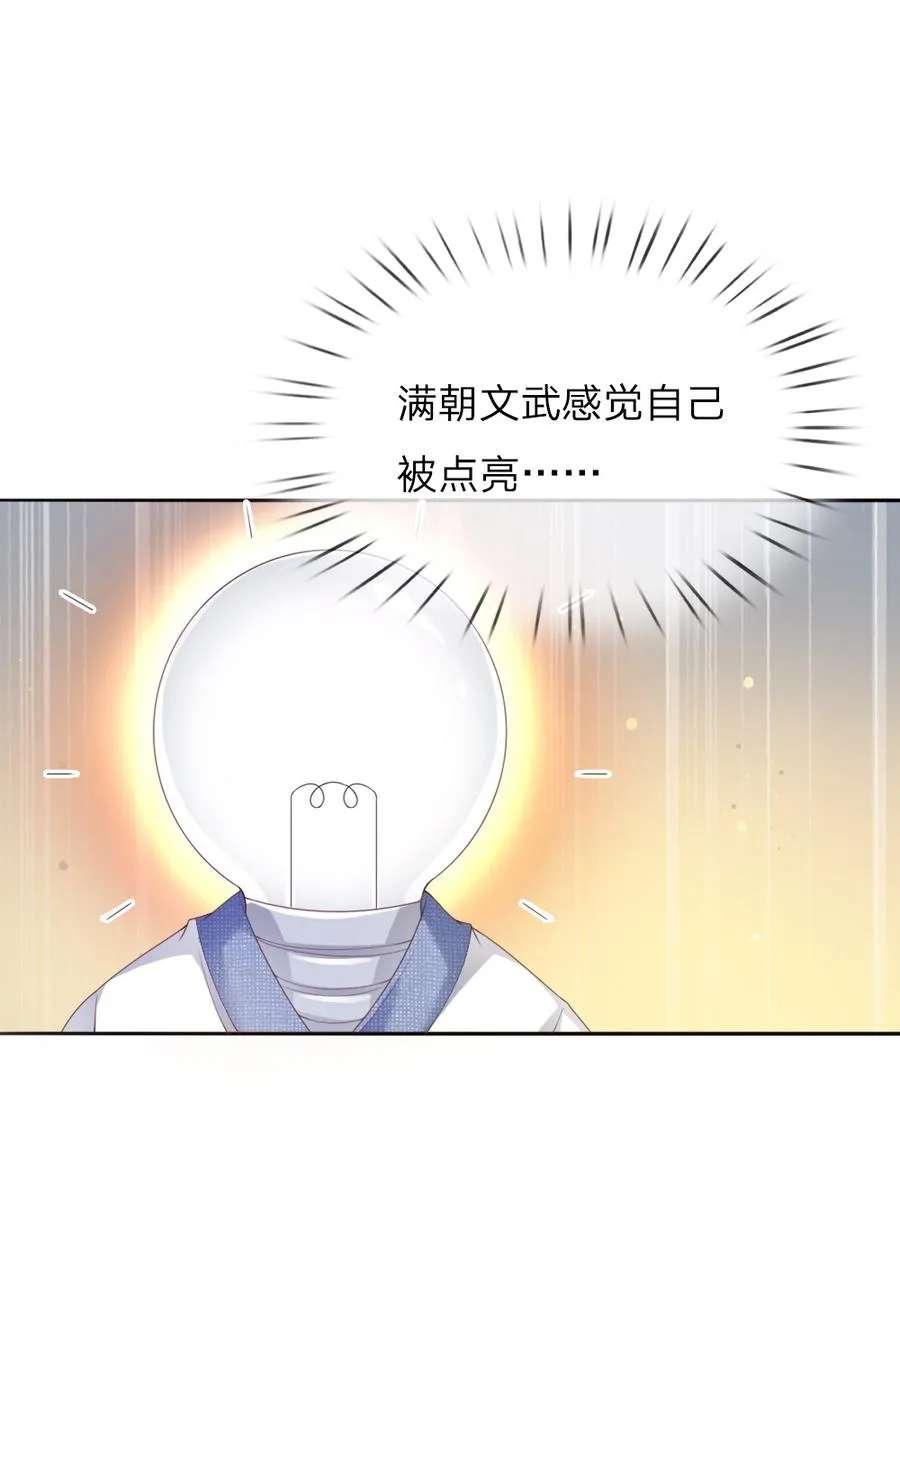 温柔暴君:摄政王爷太凶猛第11话  第11话 众臣逼宫 第 23